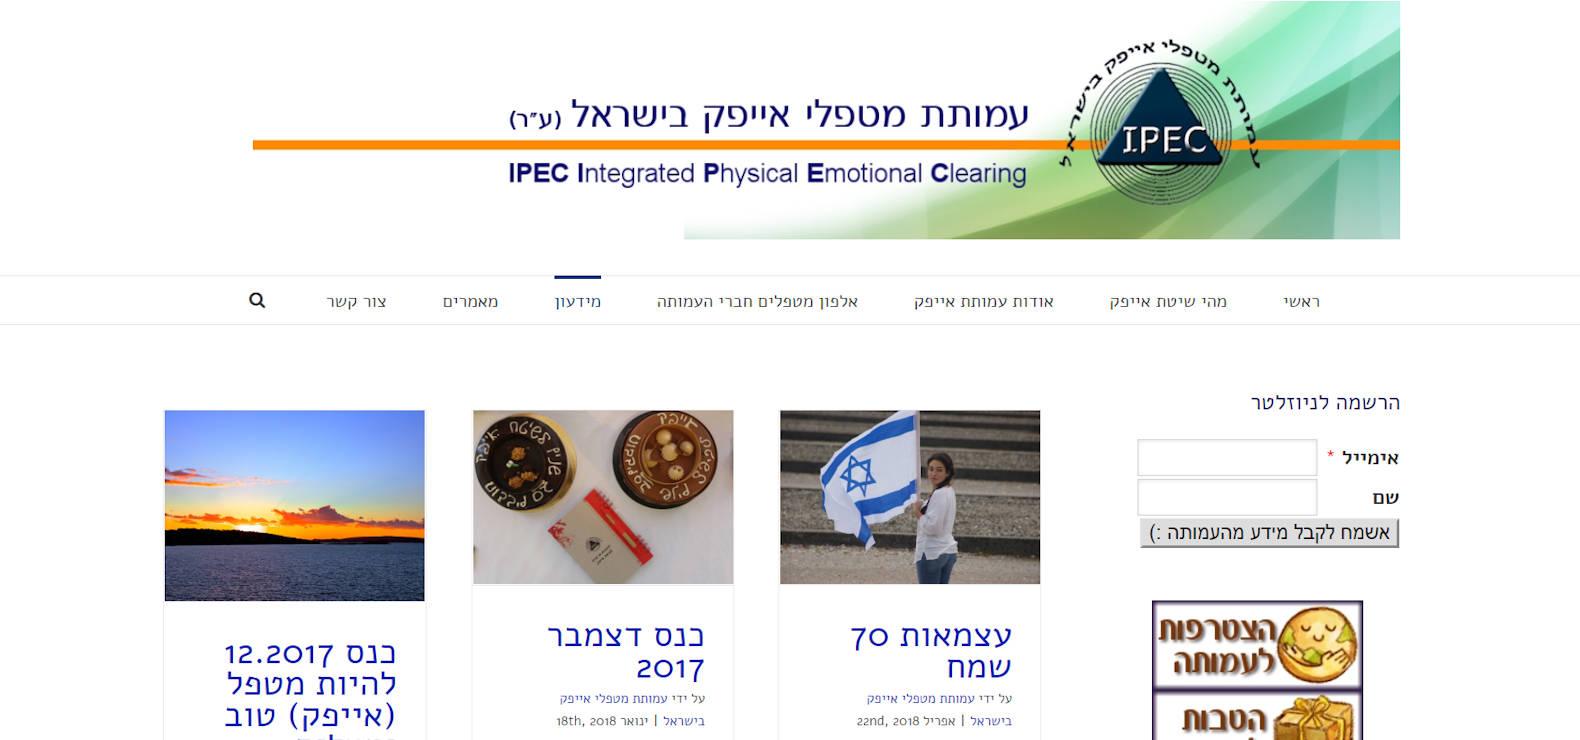 ipec-info